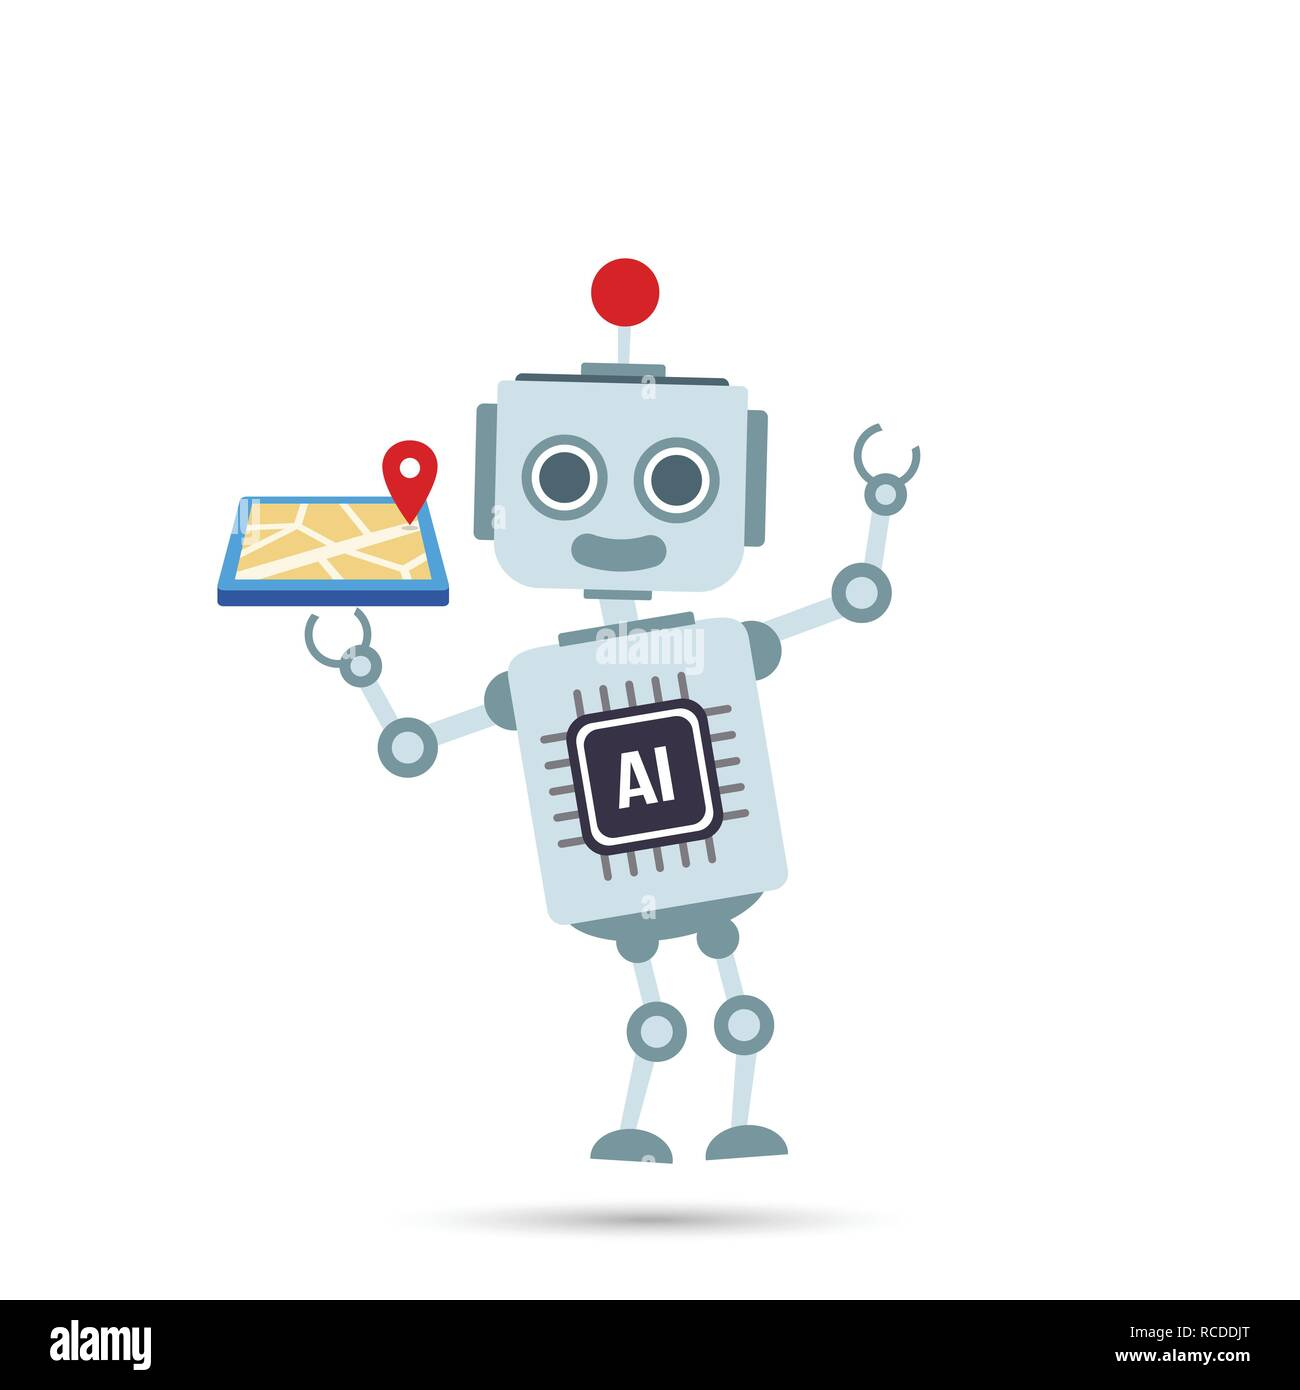 AI Inteligencia artificial tecnología robot está sosteniendo un mapa gps elemento ilustración vectorial EPS10 Ilustración del Vector